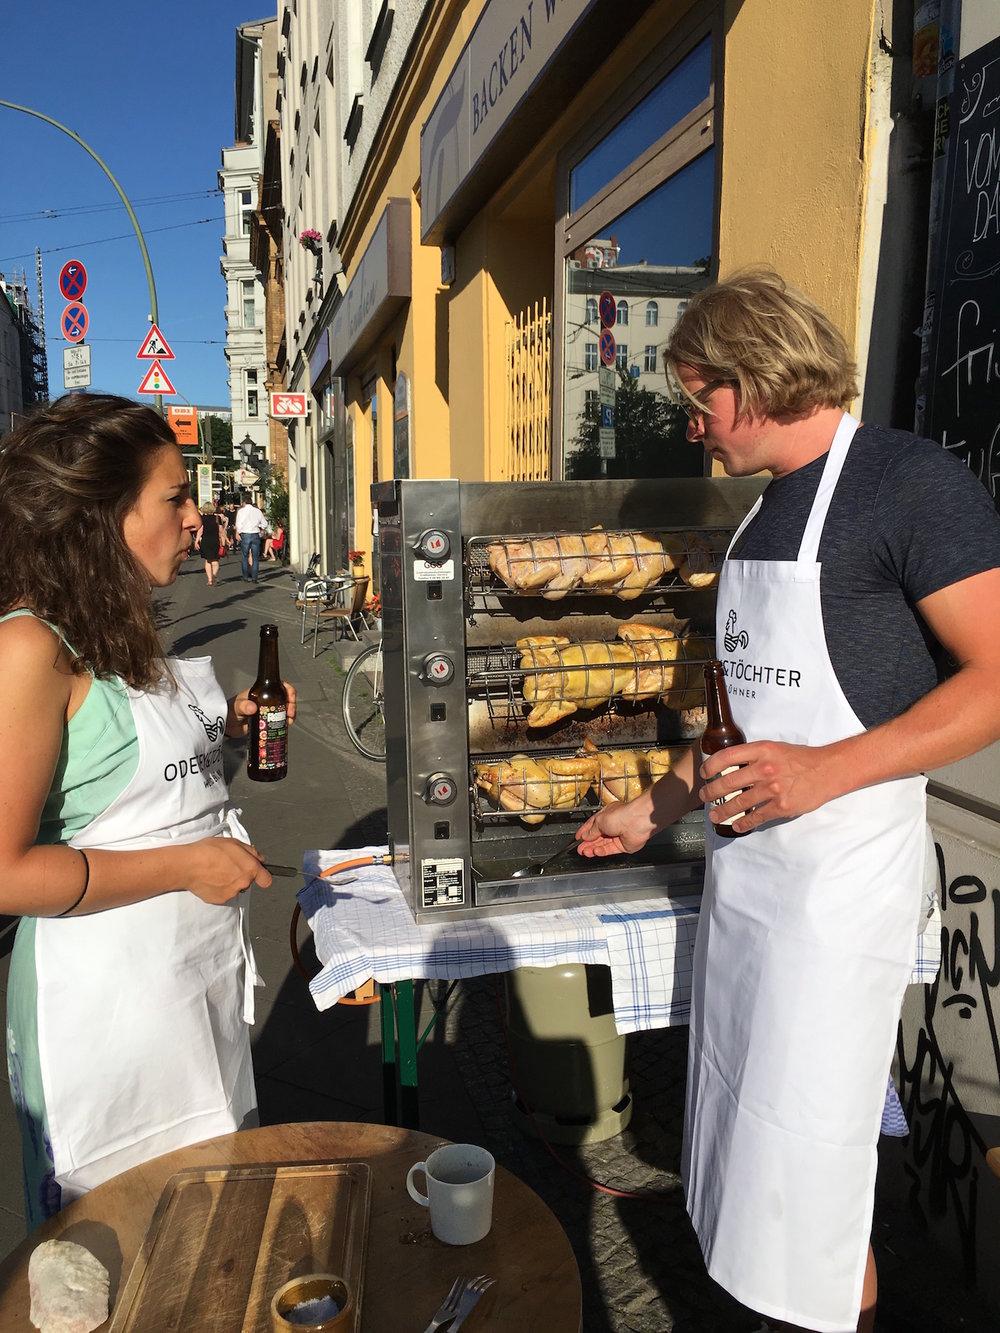 Grill-Hähnchen Party mit Lars Odefey - Eine lange Ess-Tafel. Sechs Grill-Hähnchen. Wein, Bier, Salat und Brot. Gute und einfache Köstlichkeiten für eine ordentliche Grillparty. Eine Grillparty unter guten Freunden - mit den besten Grill-Hühnchen der Stadt.